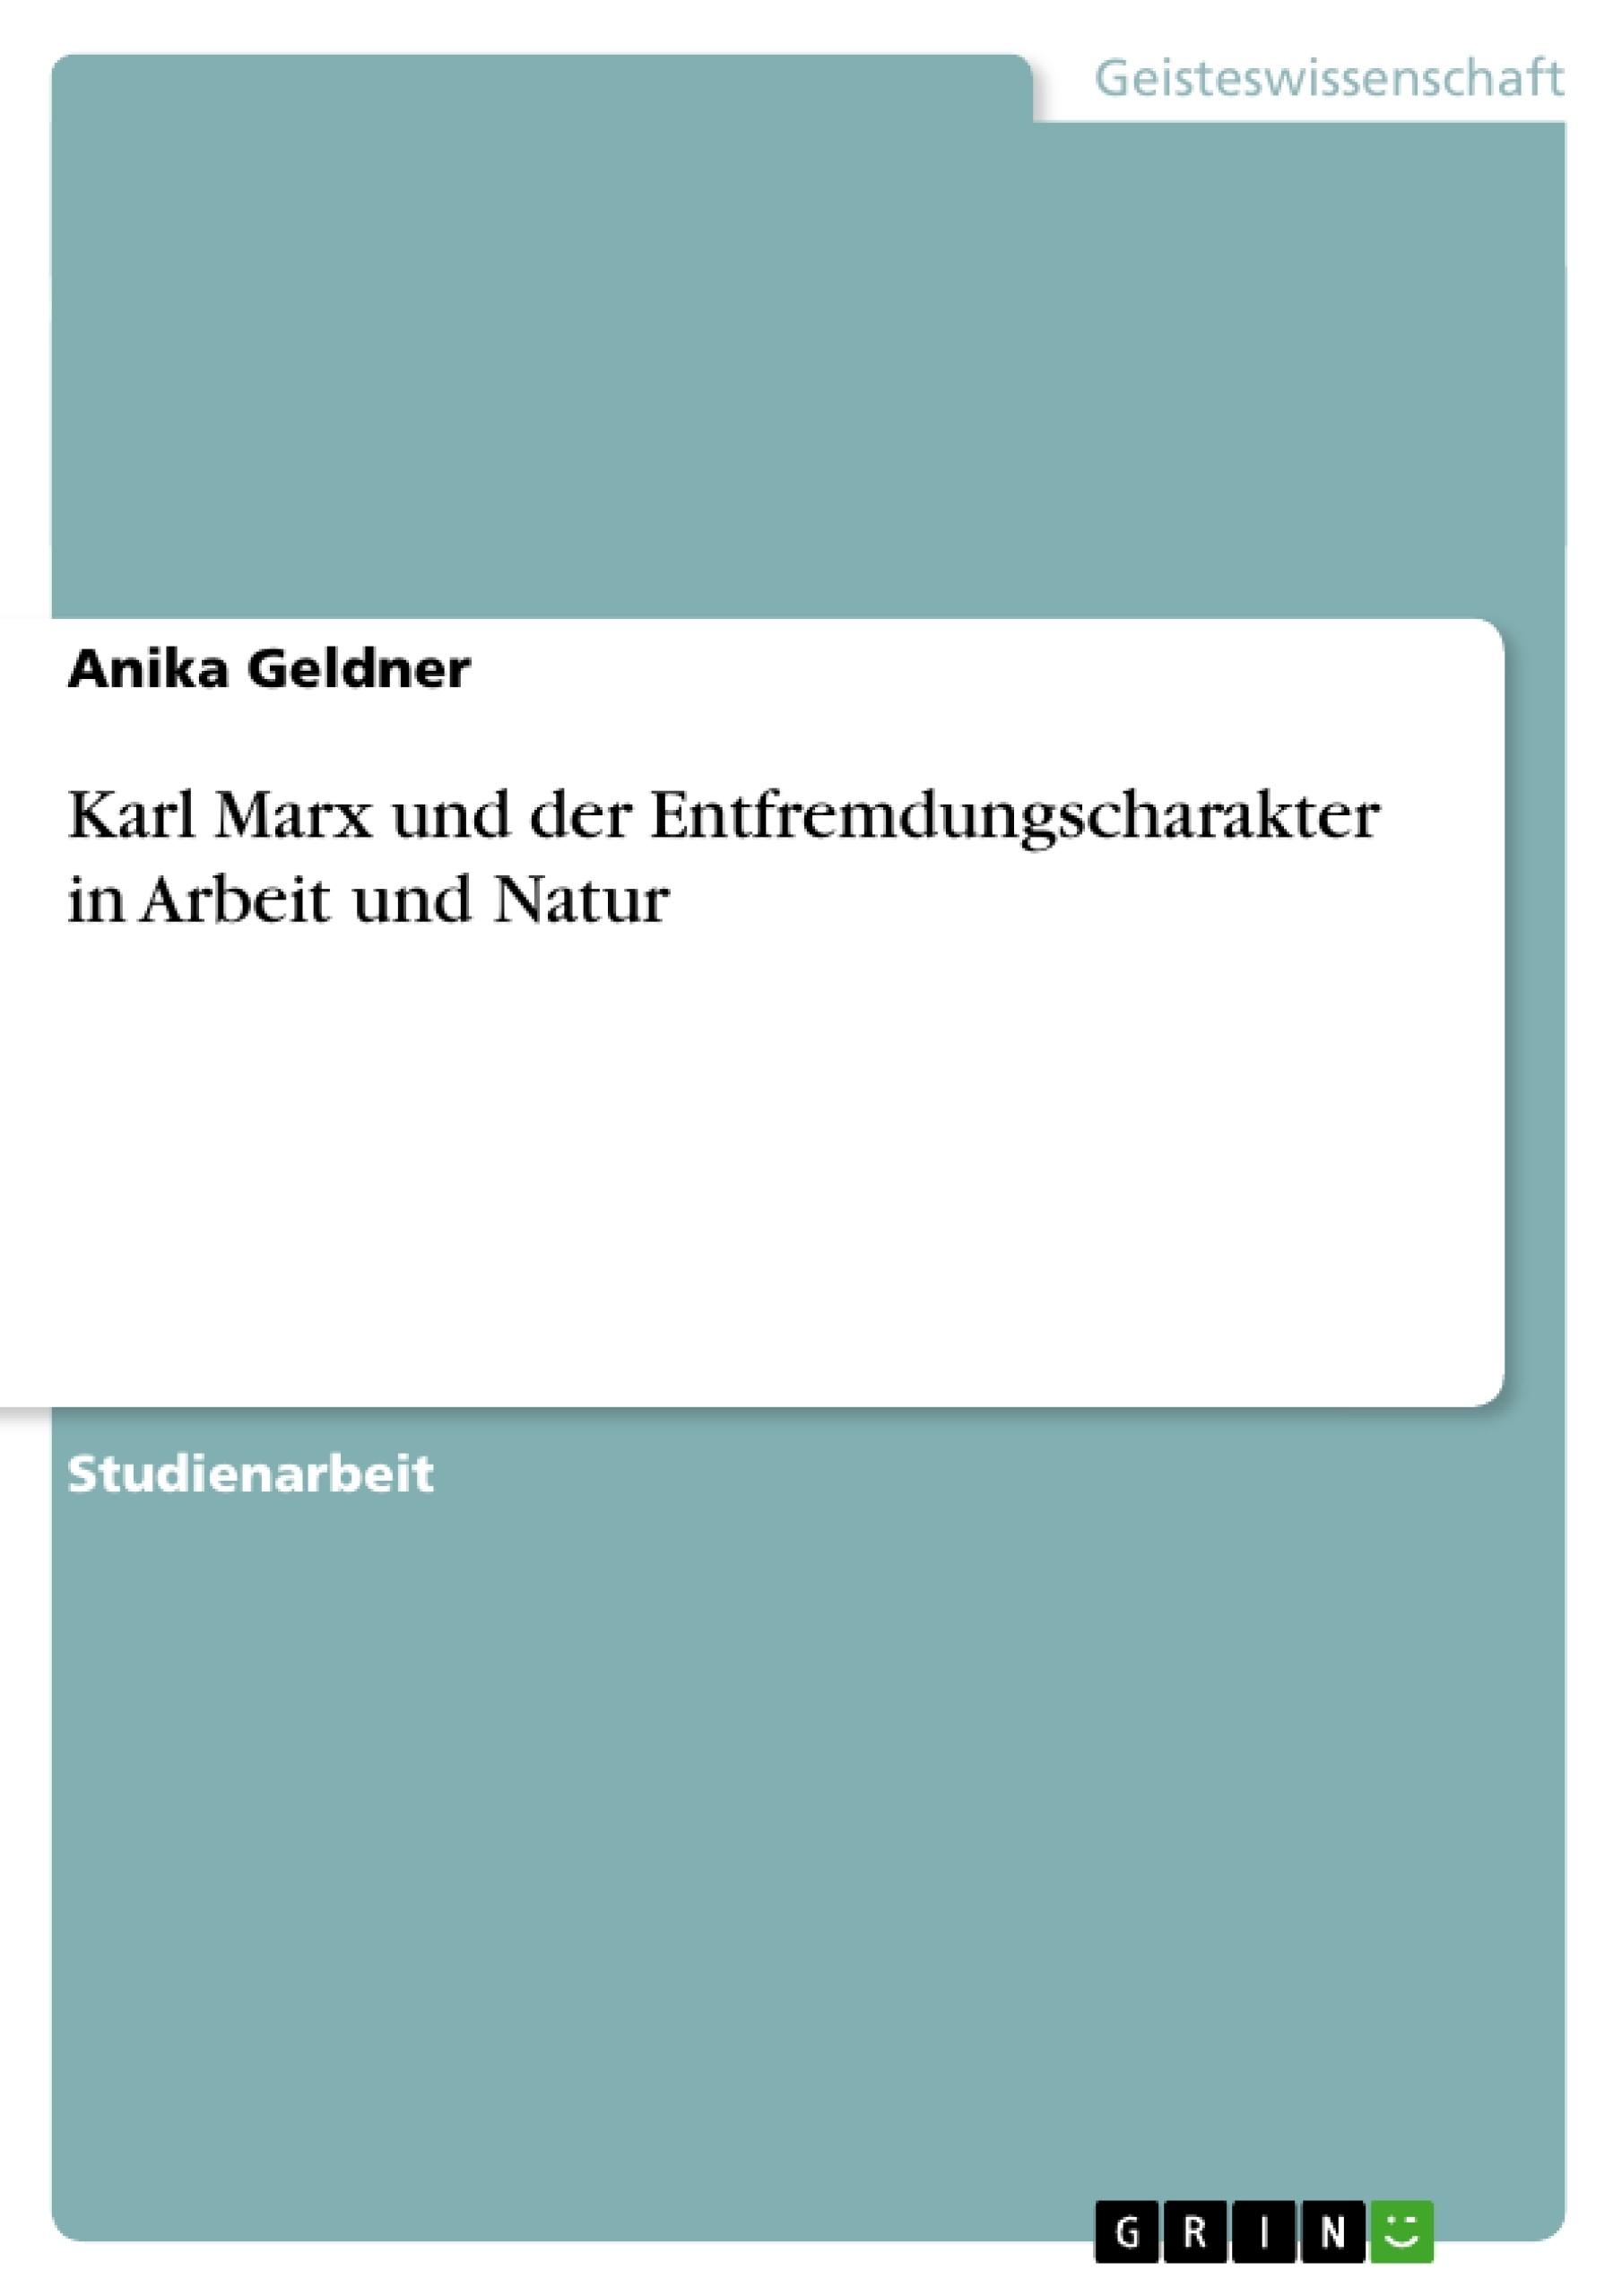 Titel: Karl Marx und der Entfremdungscharakter in Arbeit und Natur